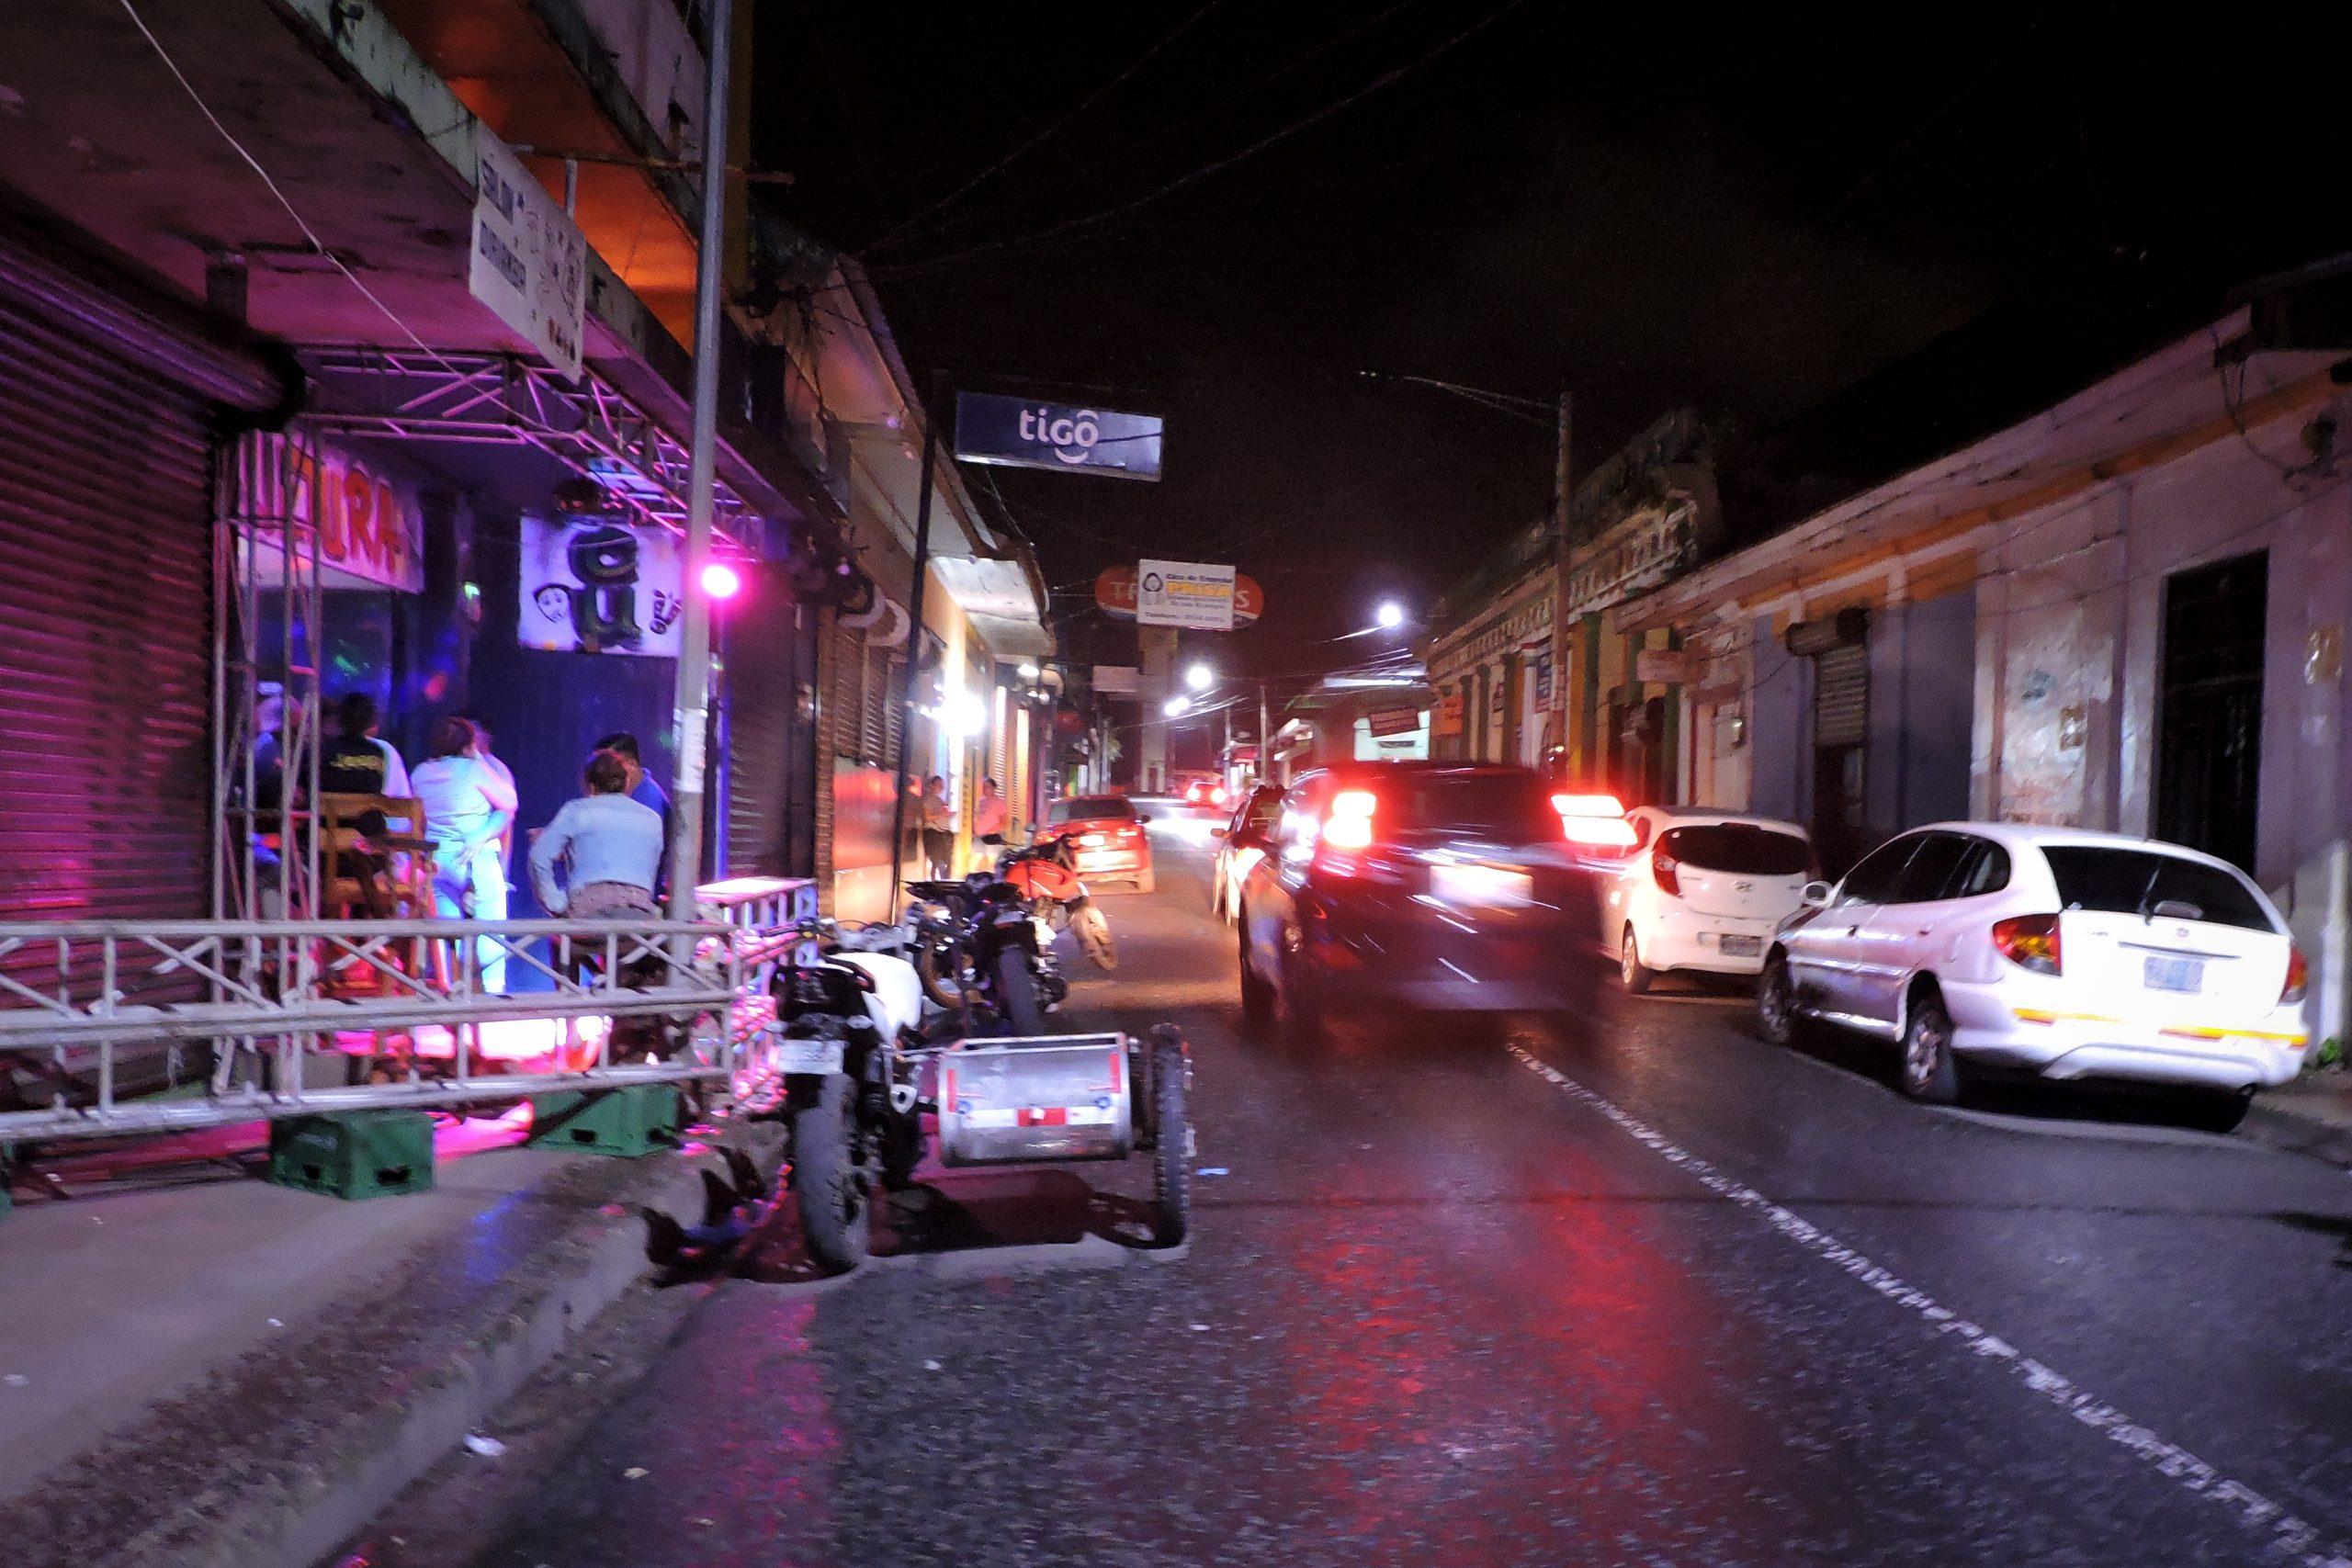 Bares, tragos y música: la fiesta no ha parado en Carazo pese a la pandemia